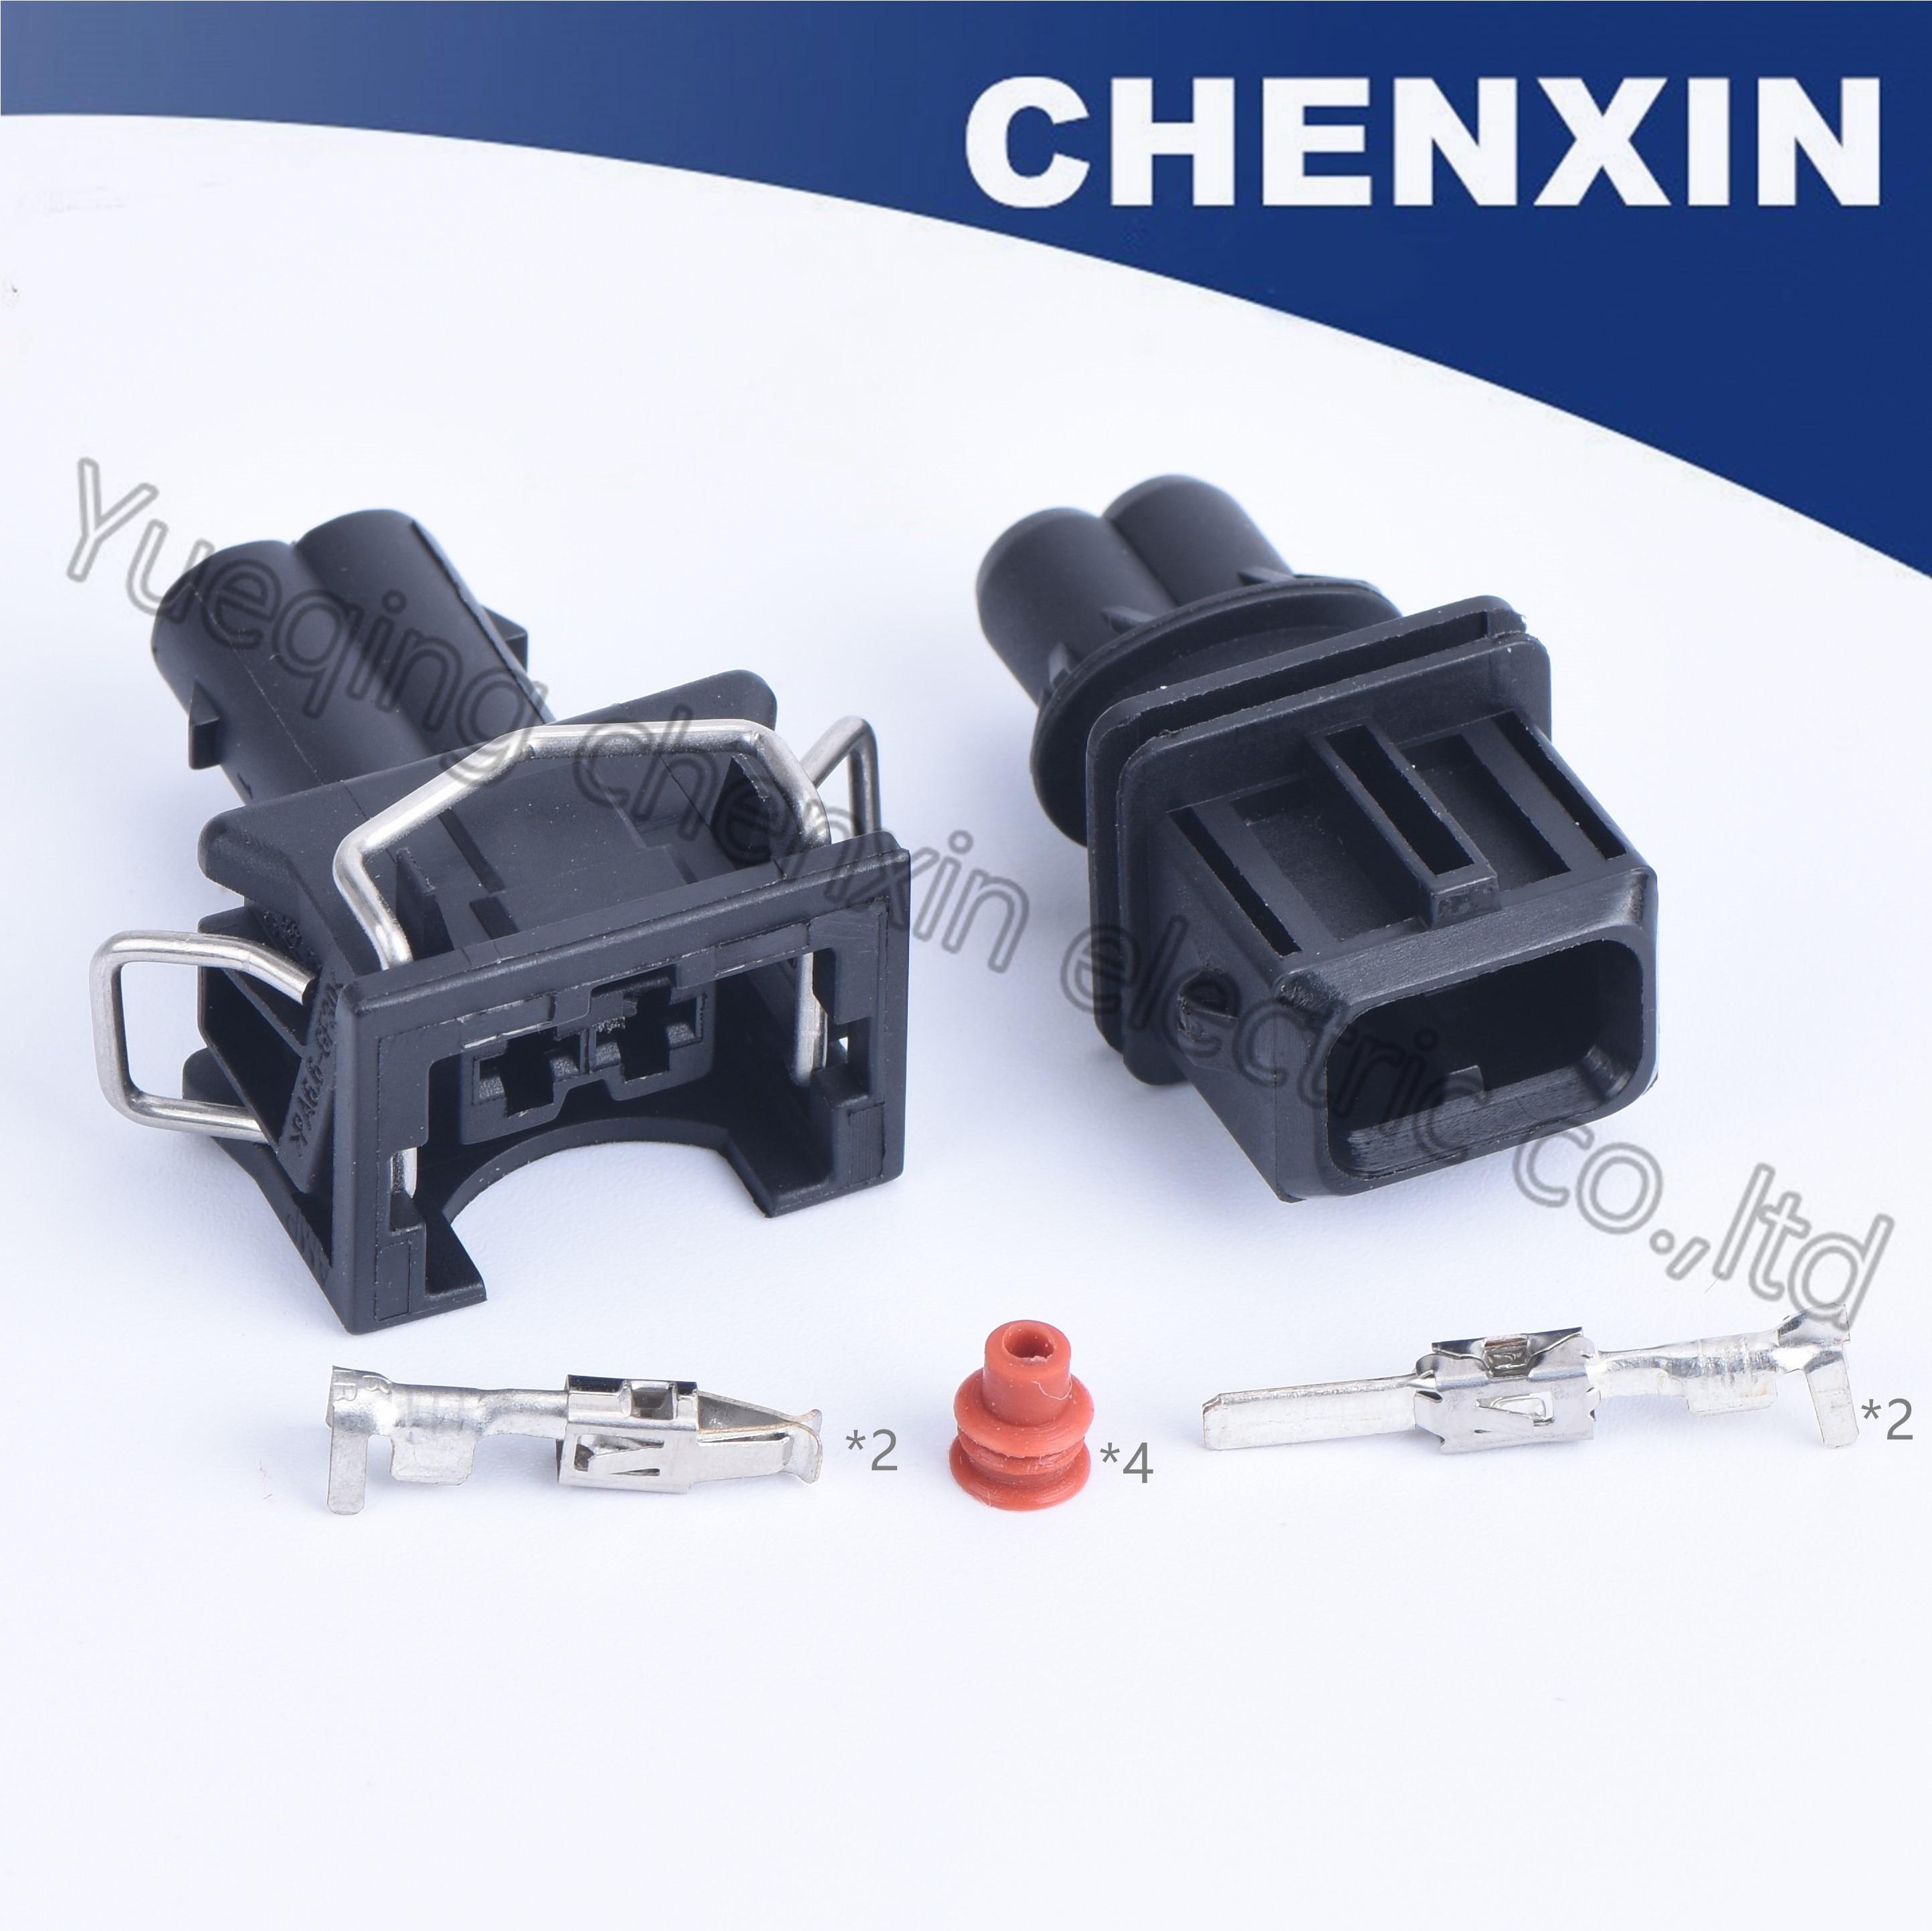 Черный 2-контактный разъем (3,5) штырьковый и гнездовой разъем 106462-1 829441-1 037 для топливного инжектора, водонепроницаемый автоматический разъем